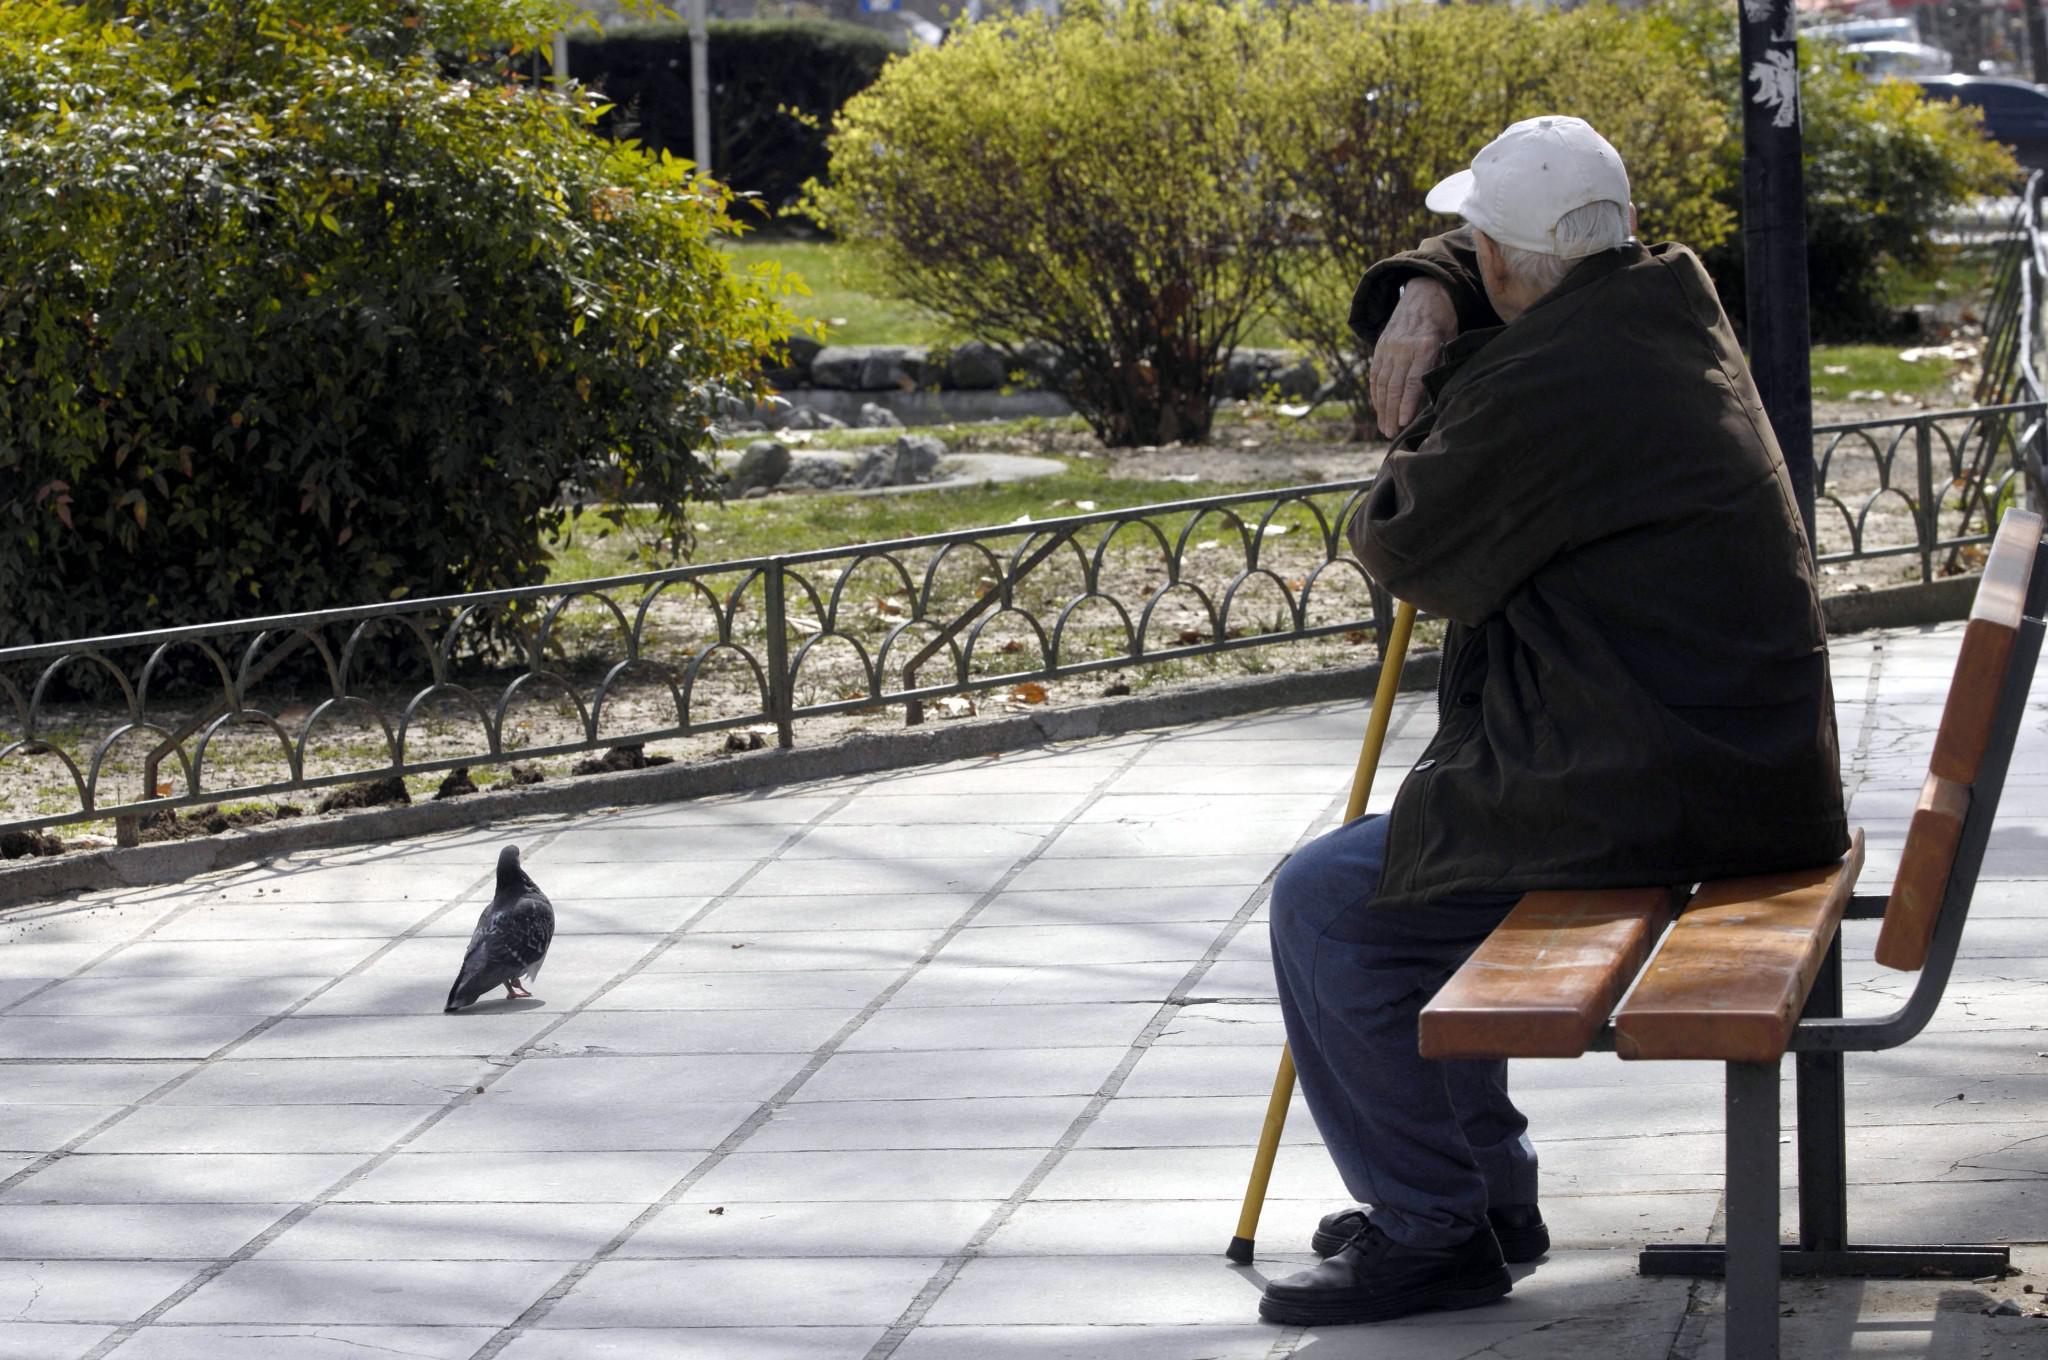 Αποτέλεσμα εικόνας για συνταξιουχοι